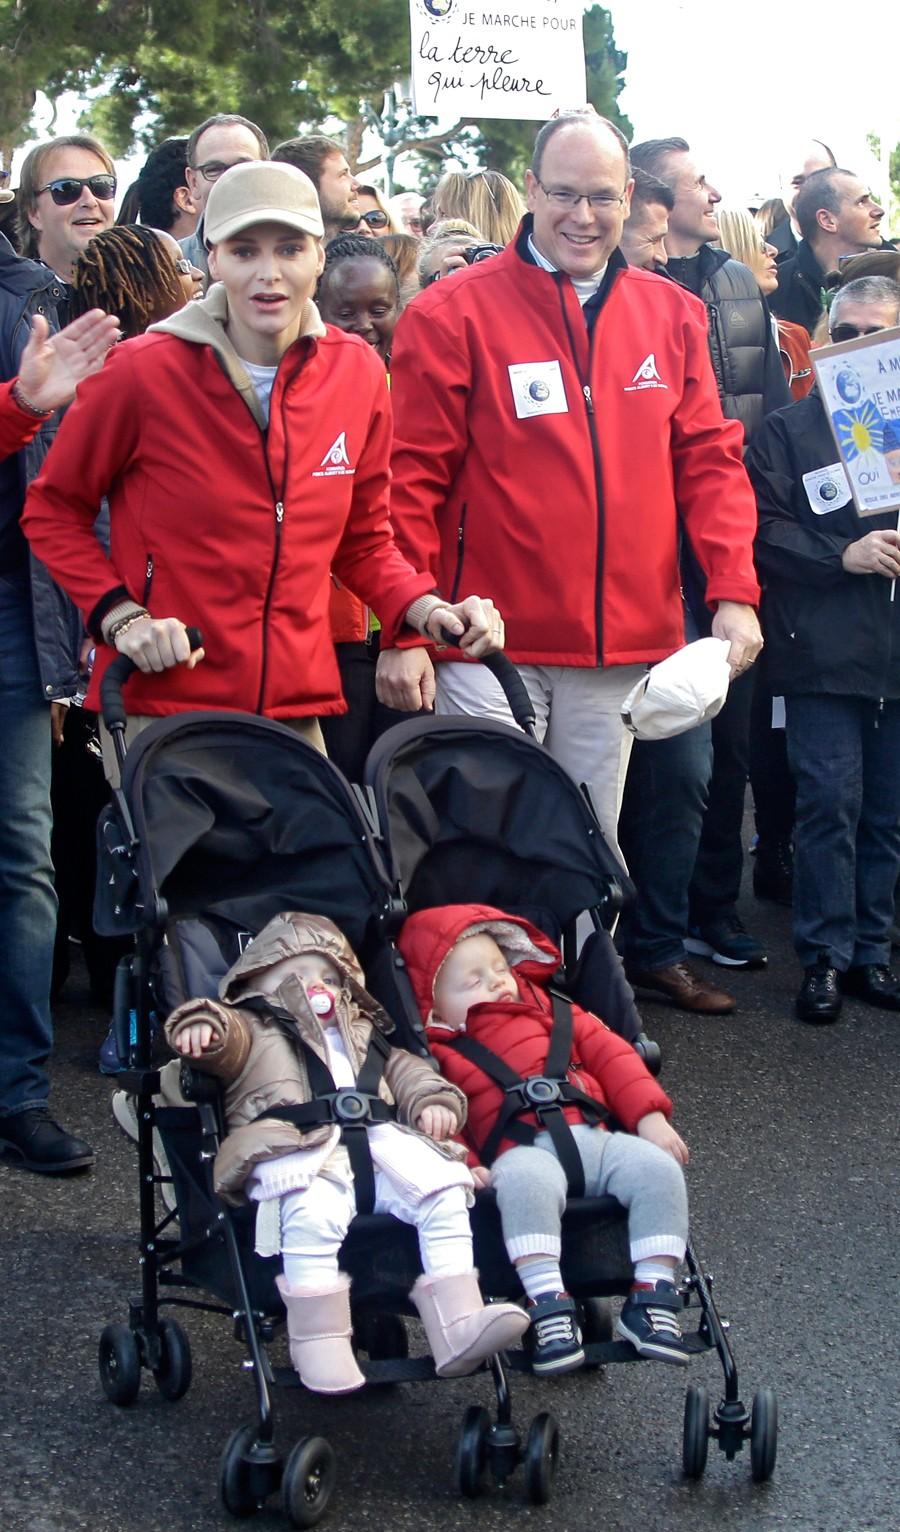 Otra imagen de Charlene y Alberto con sus bebés